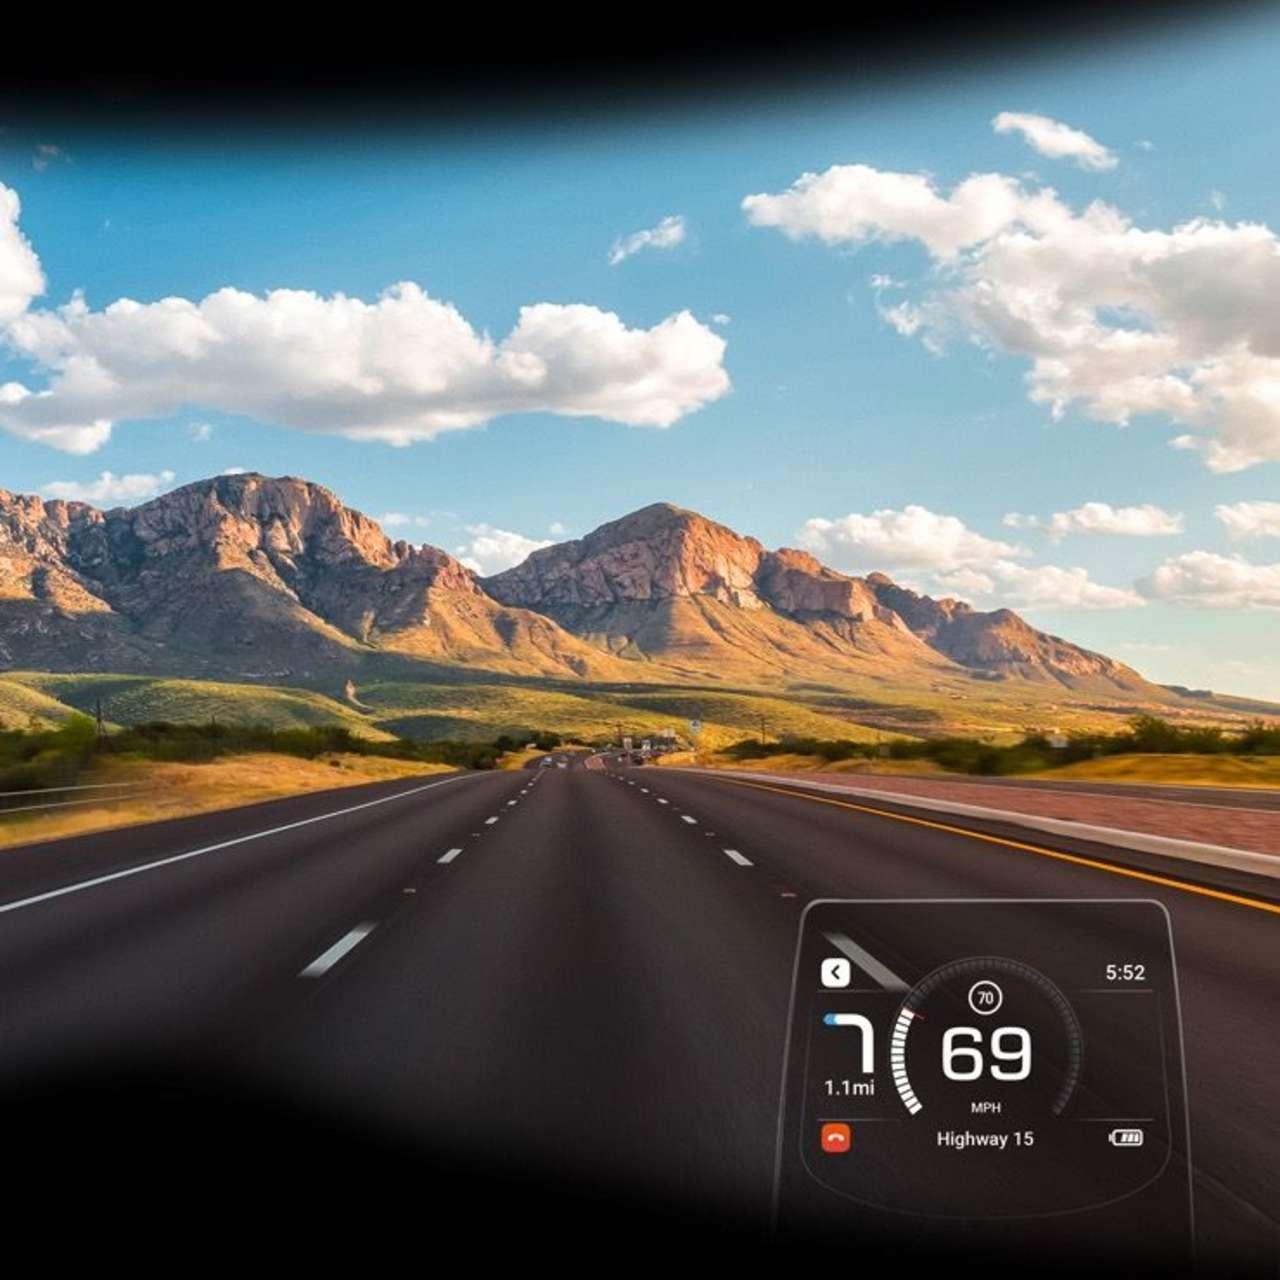 So in etwa nimmt man als Fahrer das Display war: transparent und am unteren rechten Eck. In dieser Menü-Ebene wird die Geschwindigkeit dargestellt, links davon ein Hinweis der Routenführung. Man kann aber auch in die Navi-Darstellung wechseln, dann sieht man eine Karte, in die man ein- oder auszoomen kann.